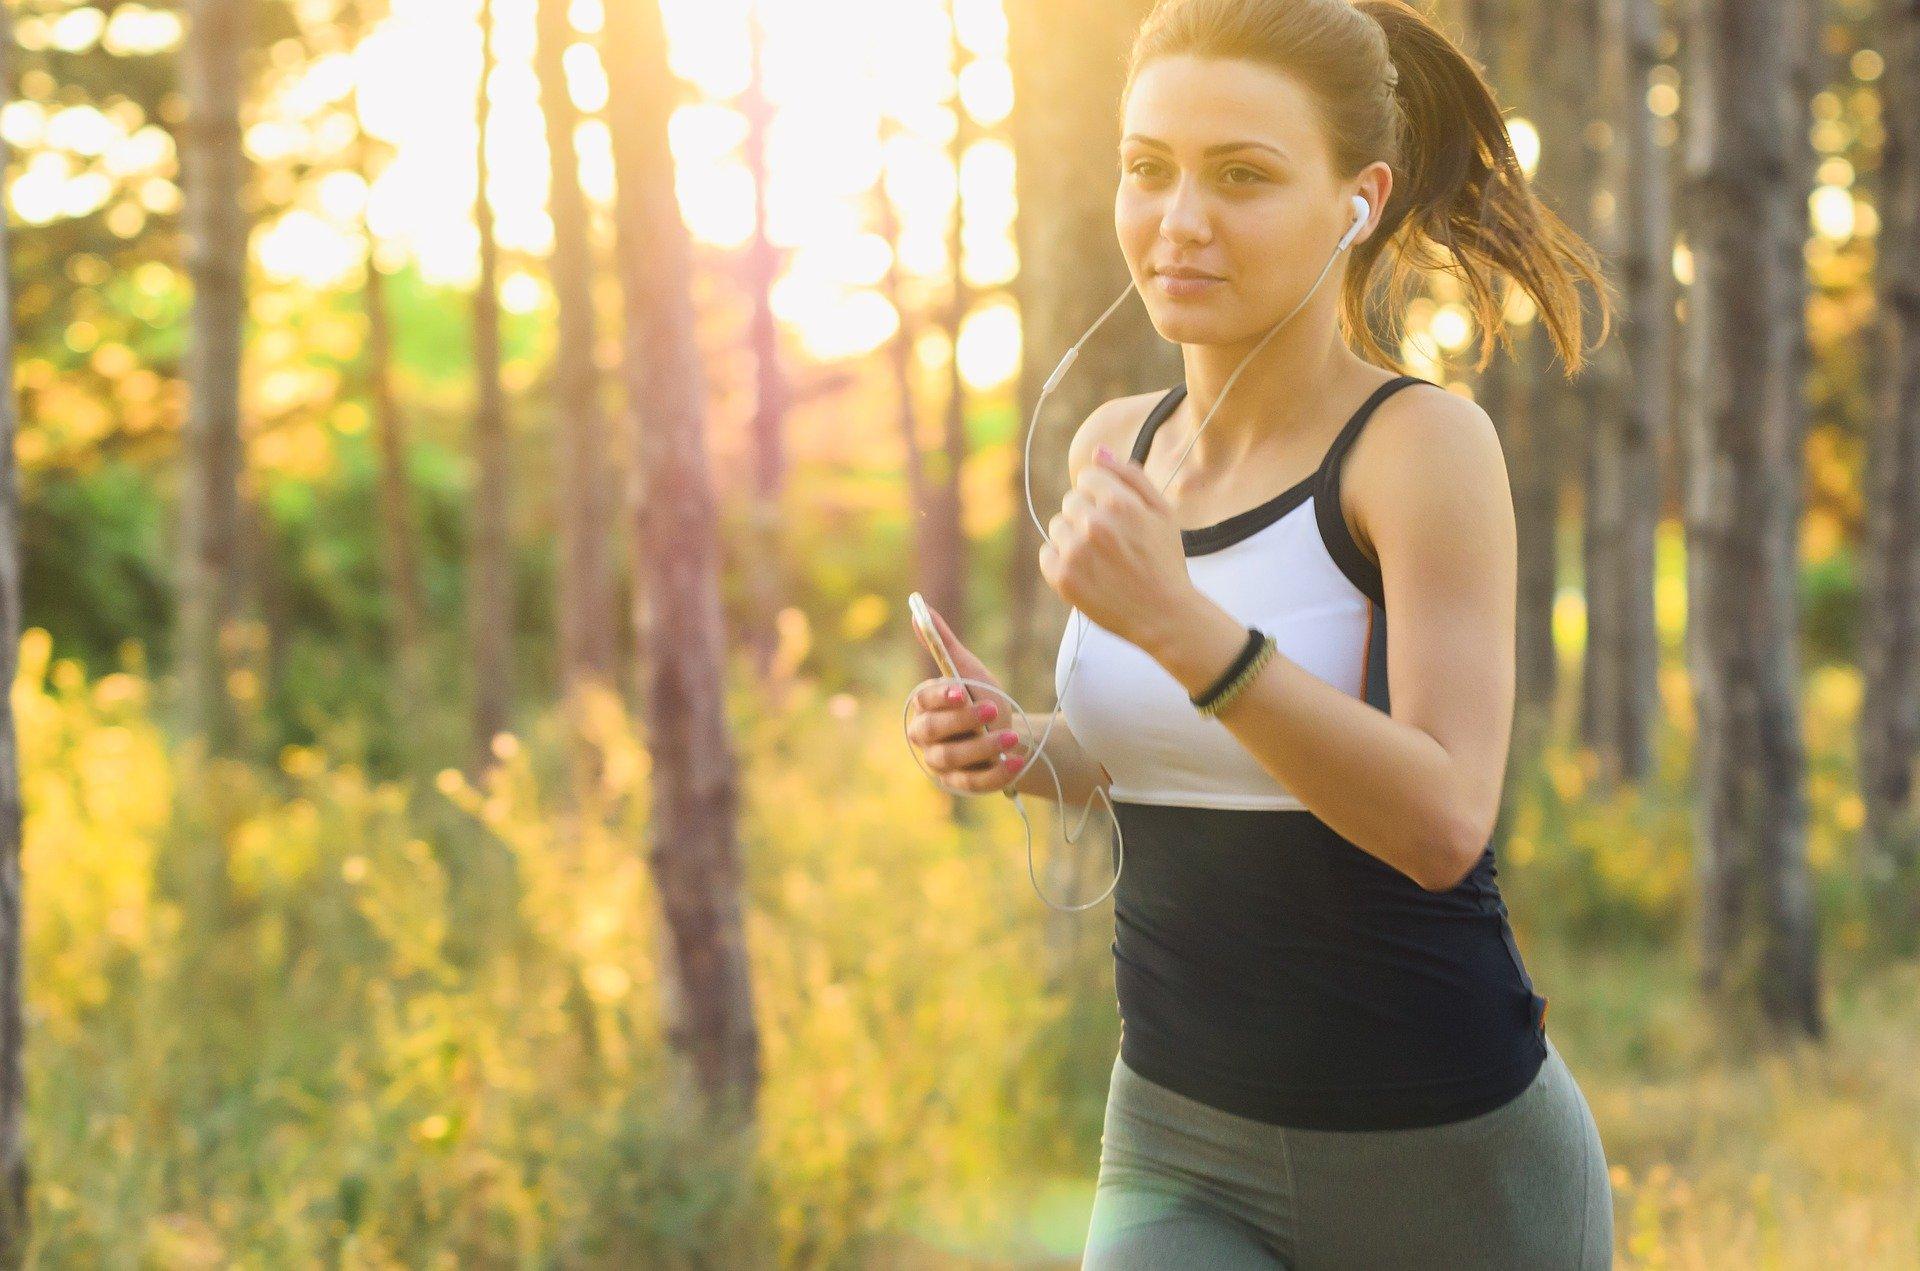 Uprawianie sportu, nawet na poziomie umiarkowanym, działa zarówno profilaktycznie w kwestii zdrowia psychicznego, jak i redukuje już występujące objawy związane ze stresem. (Fot. Pixabay)